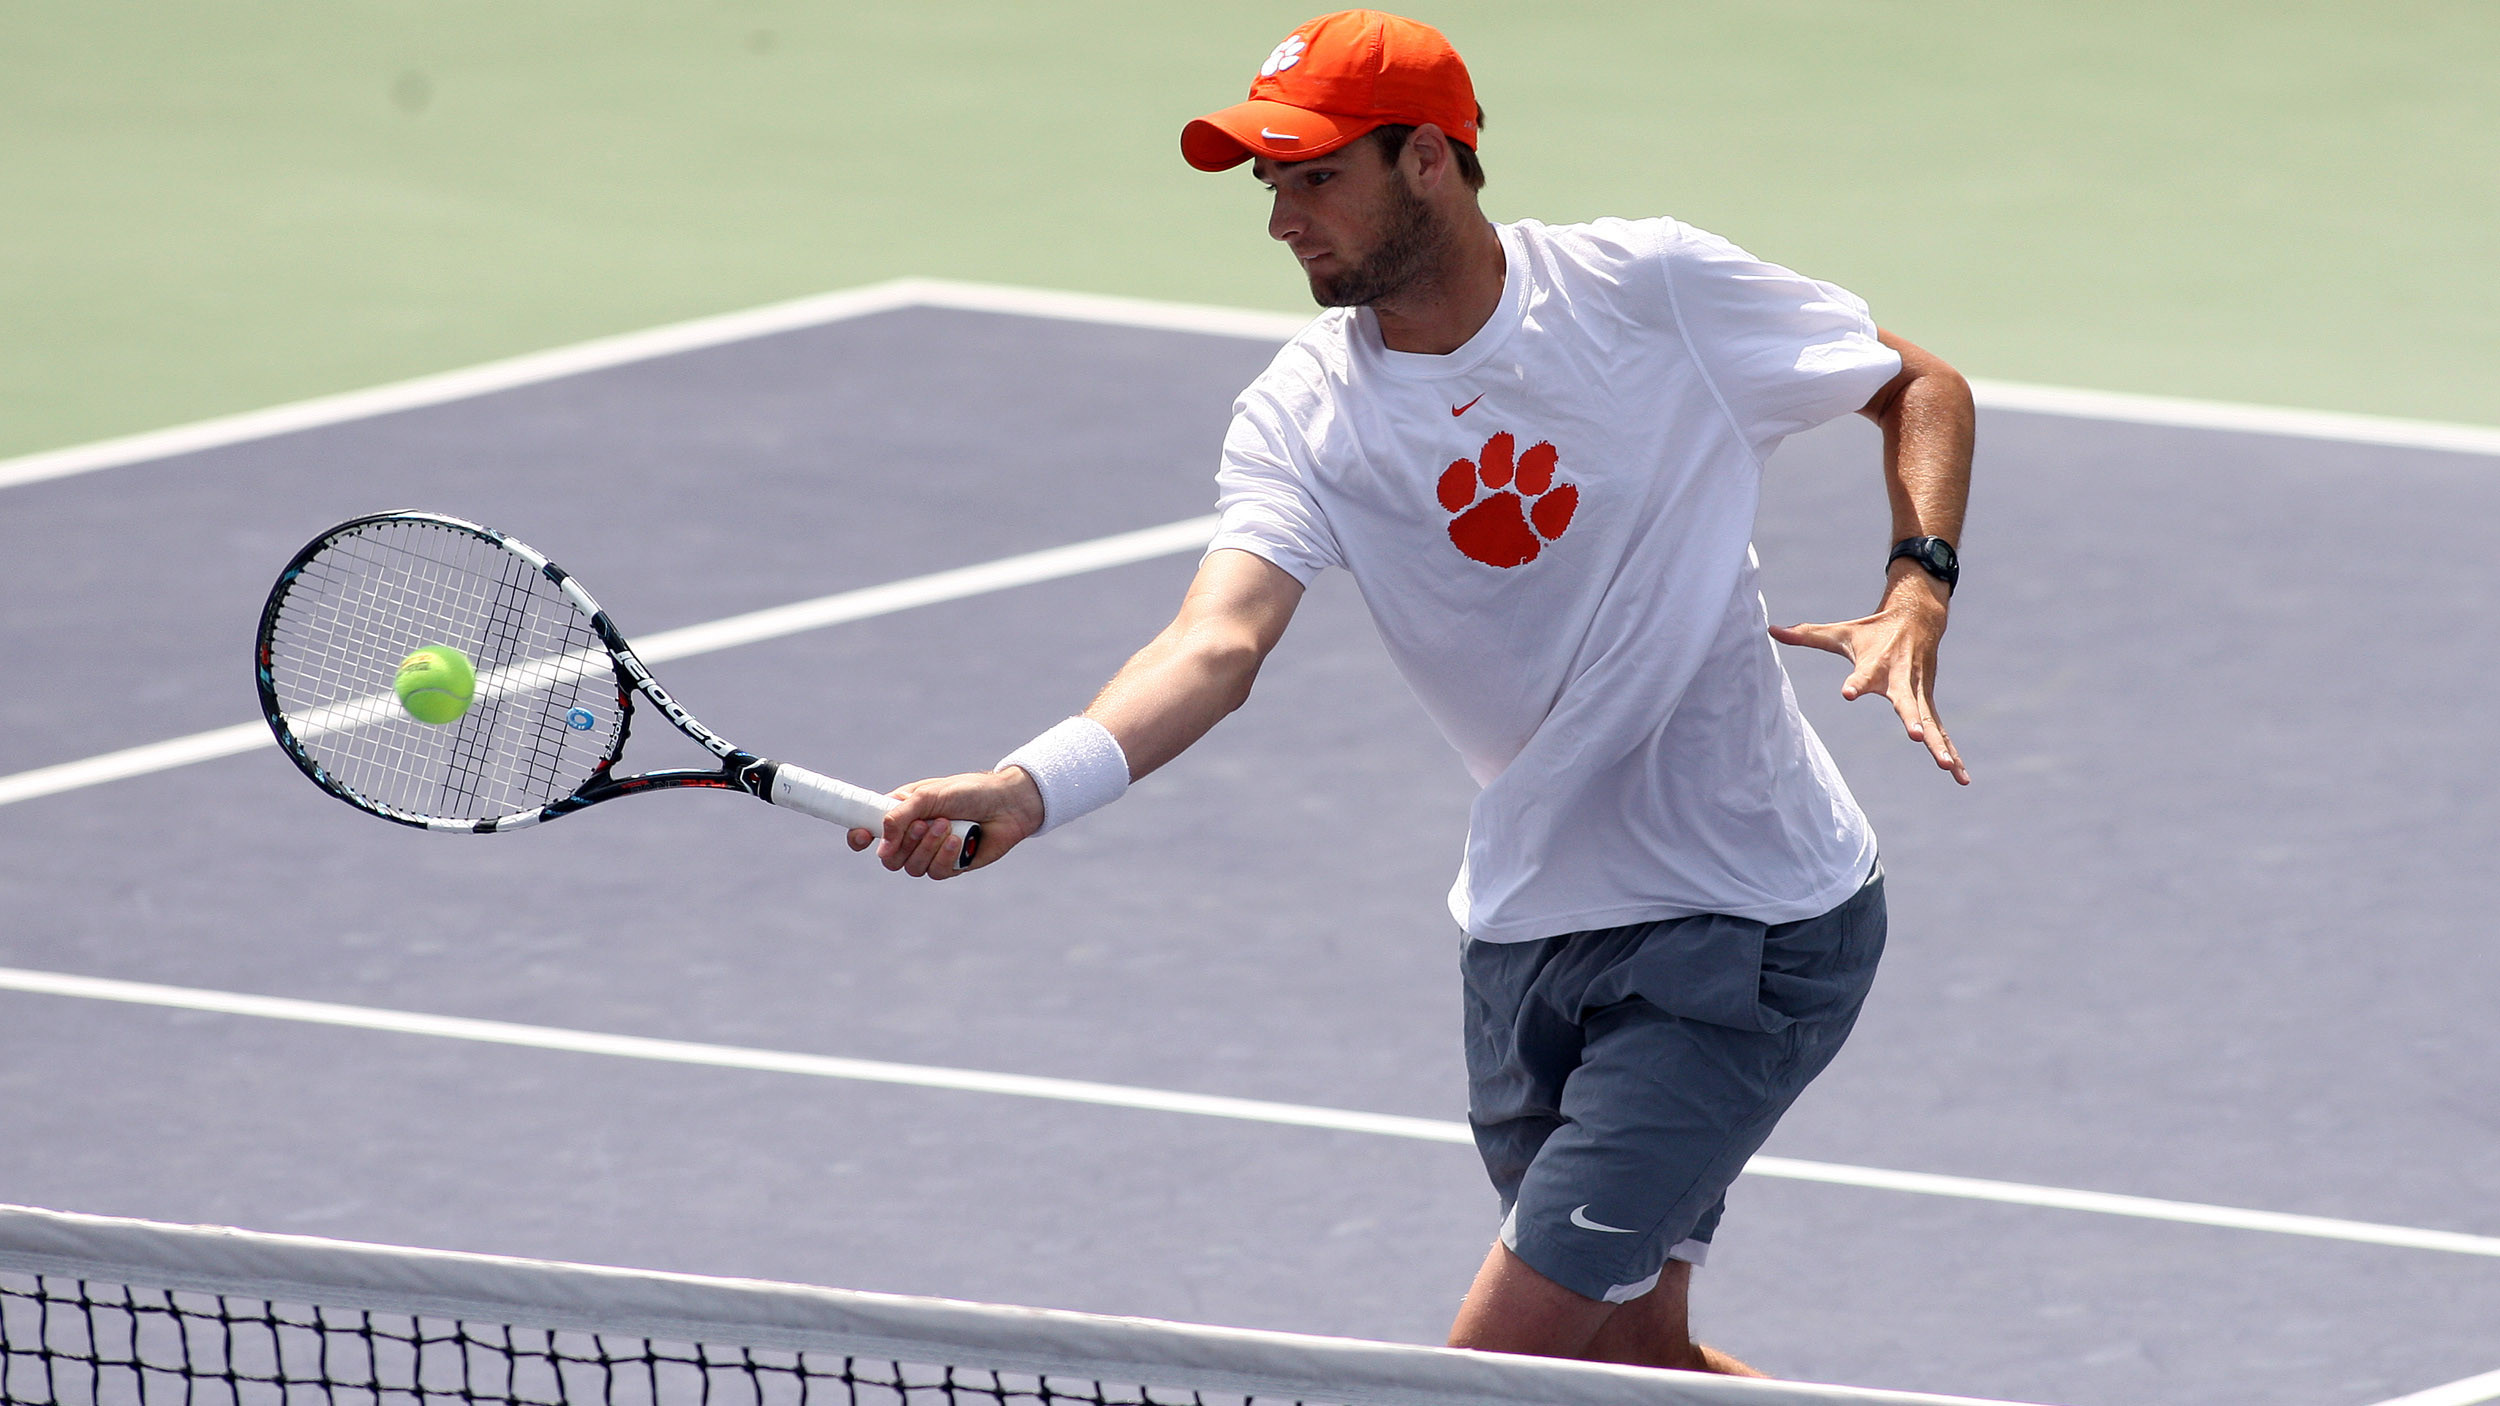 Clemson Announces 2013-14 Men's Tennis Schedule